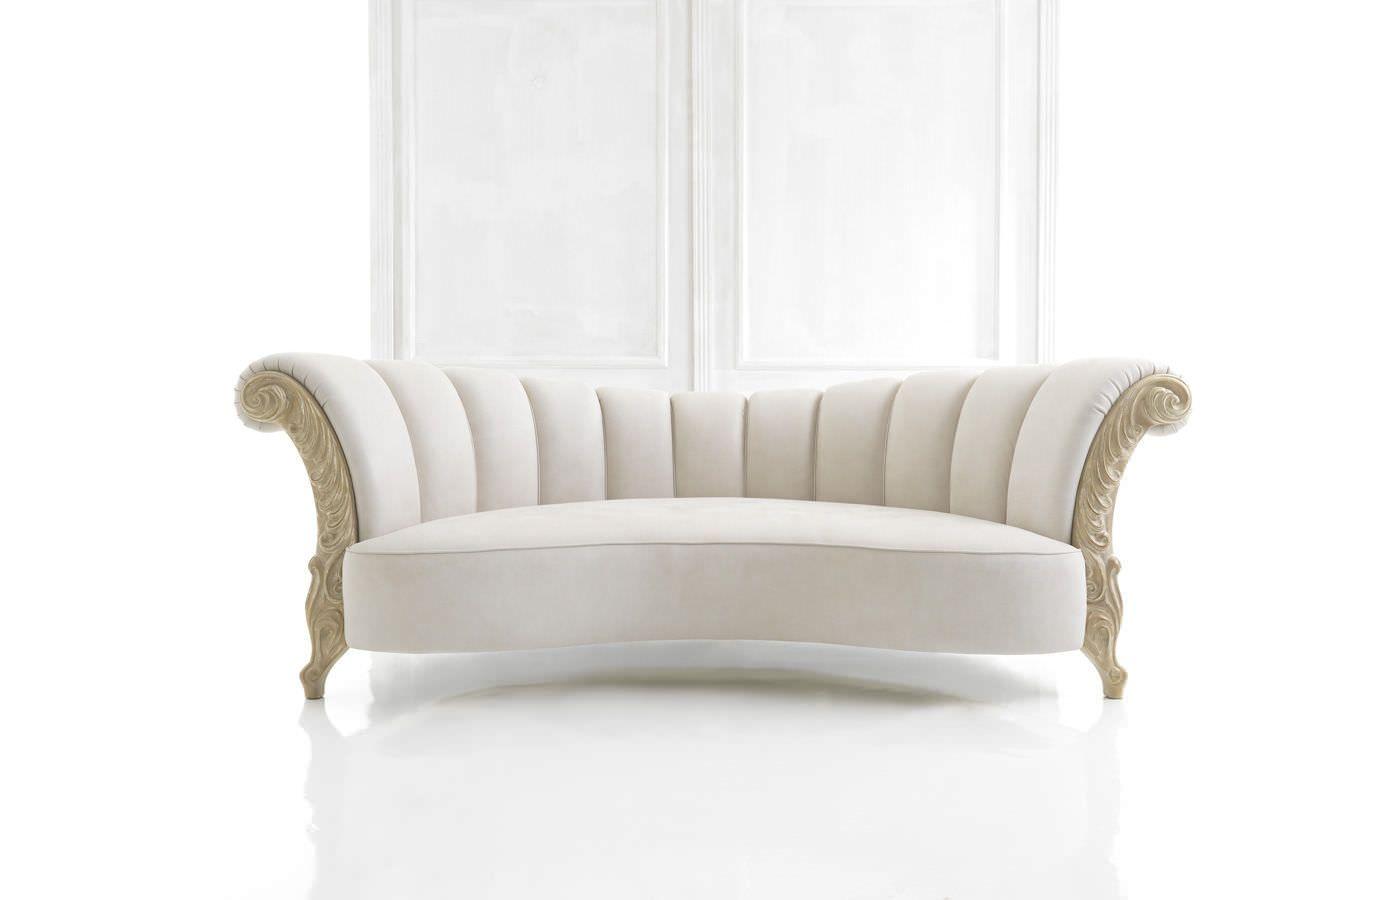 classic sofa designs - Google Search